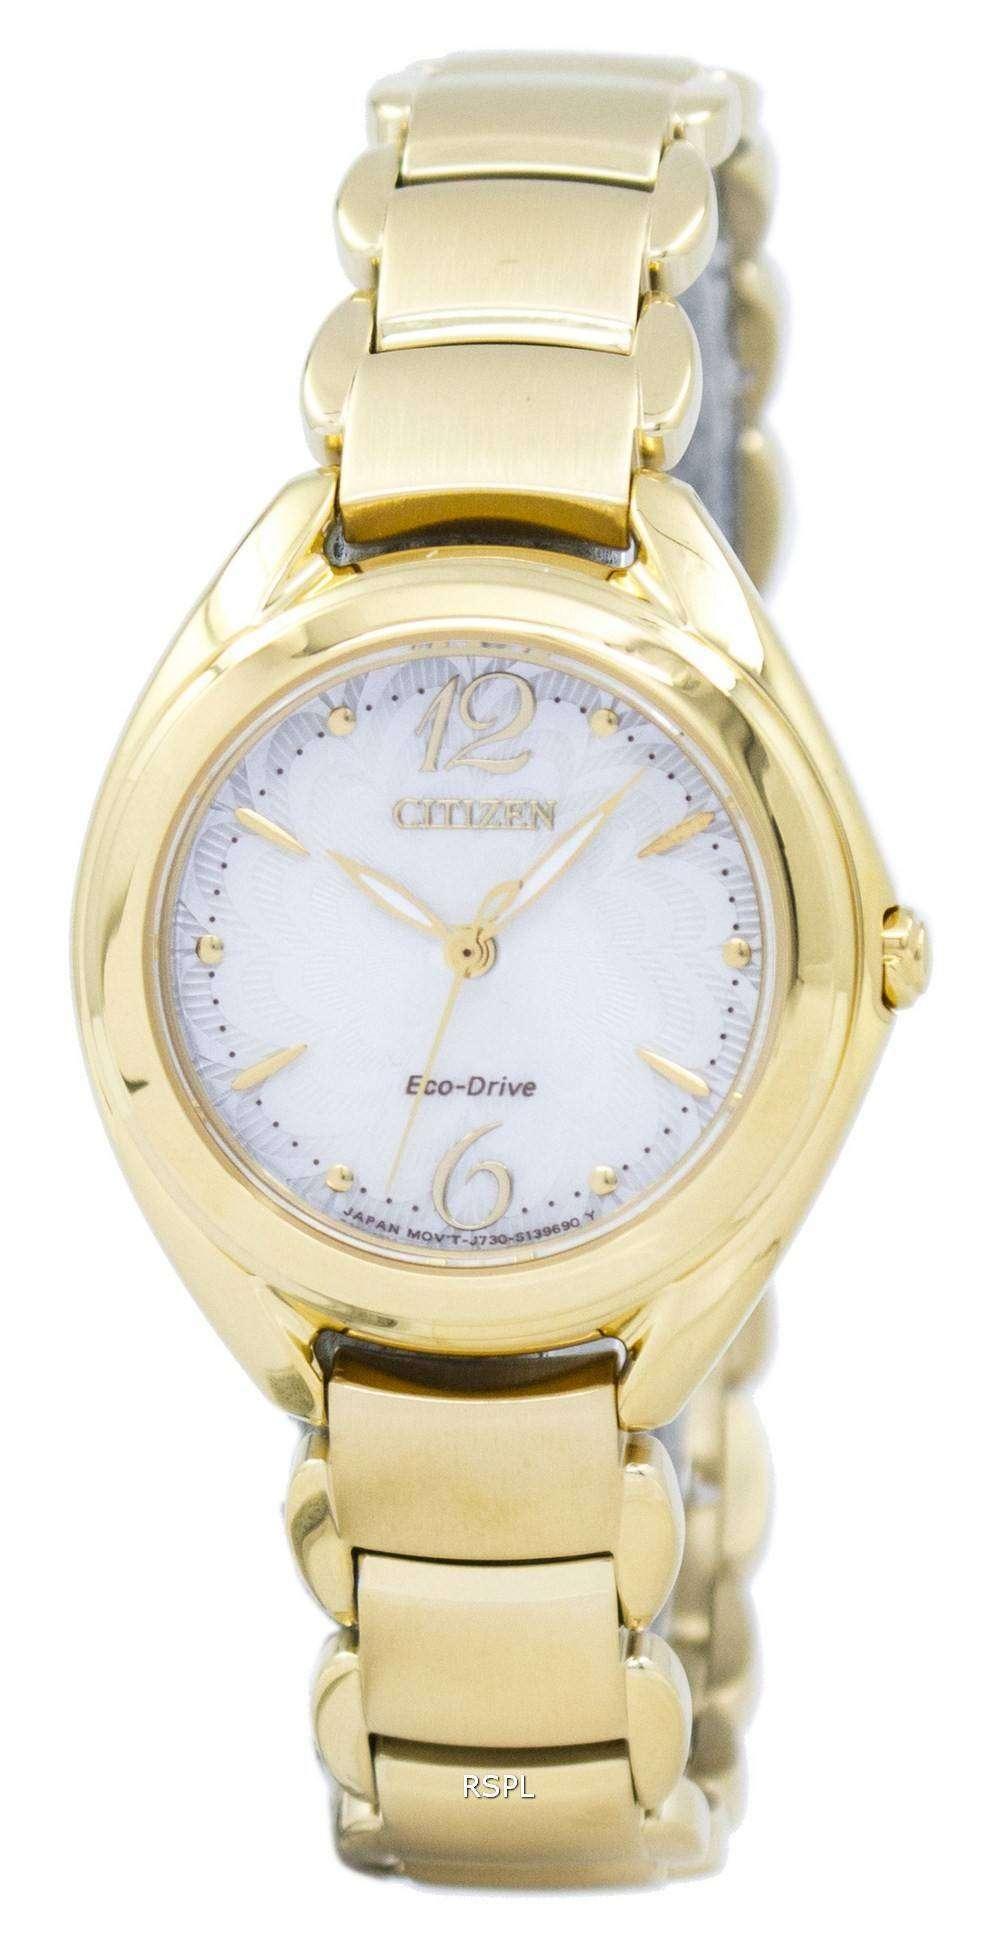 市民エコ ・ ドライブ FE2072-54 a レディース腕時計